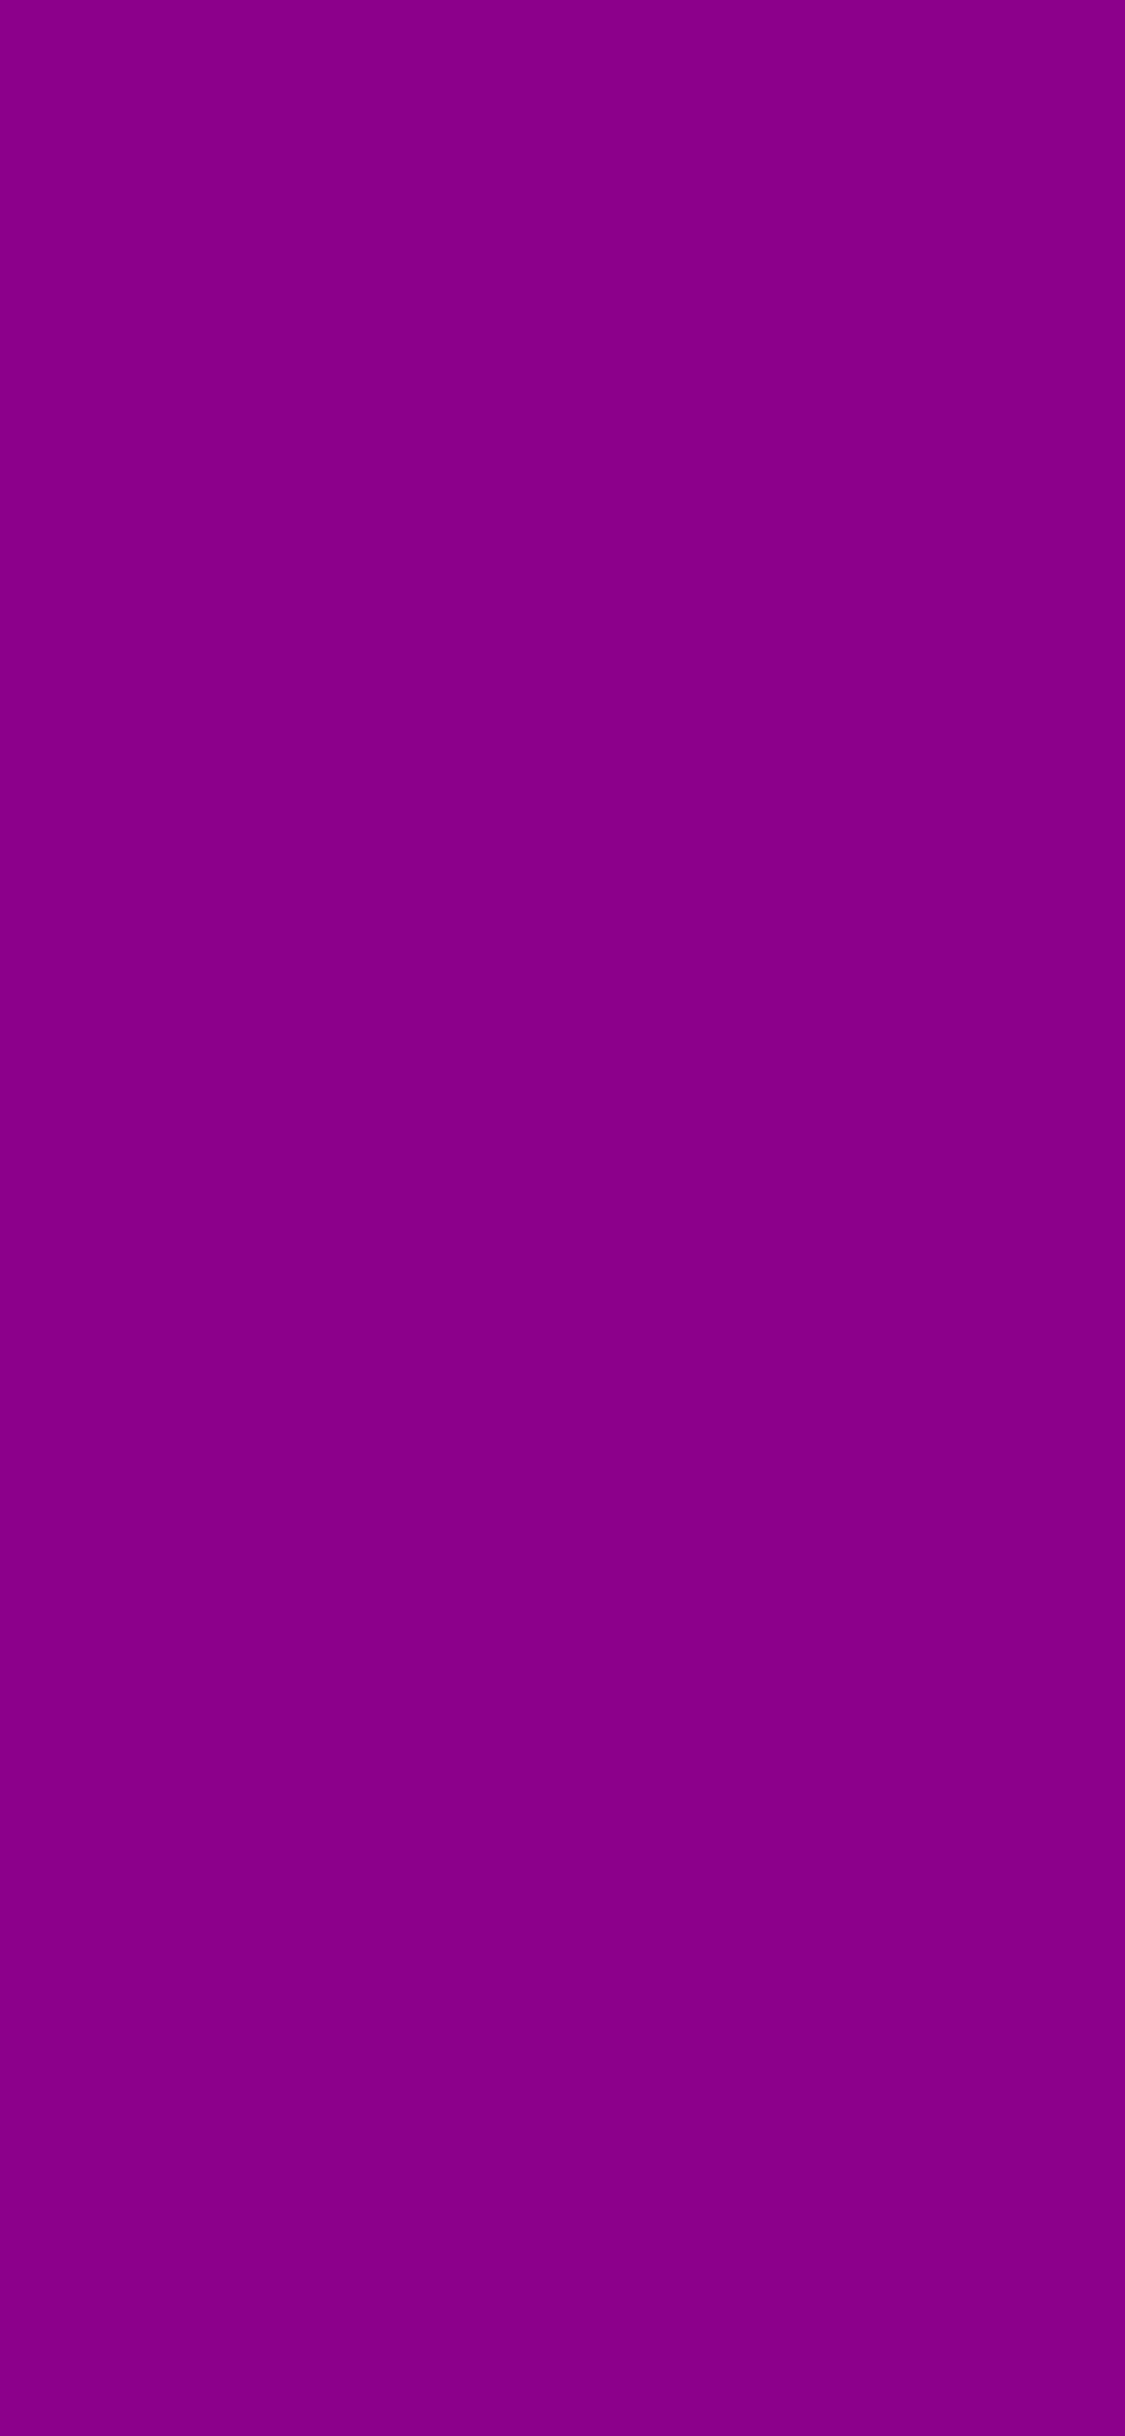 1125x2436 Dark Magenta Solid Color Background